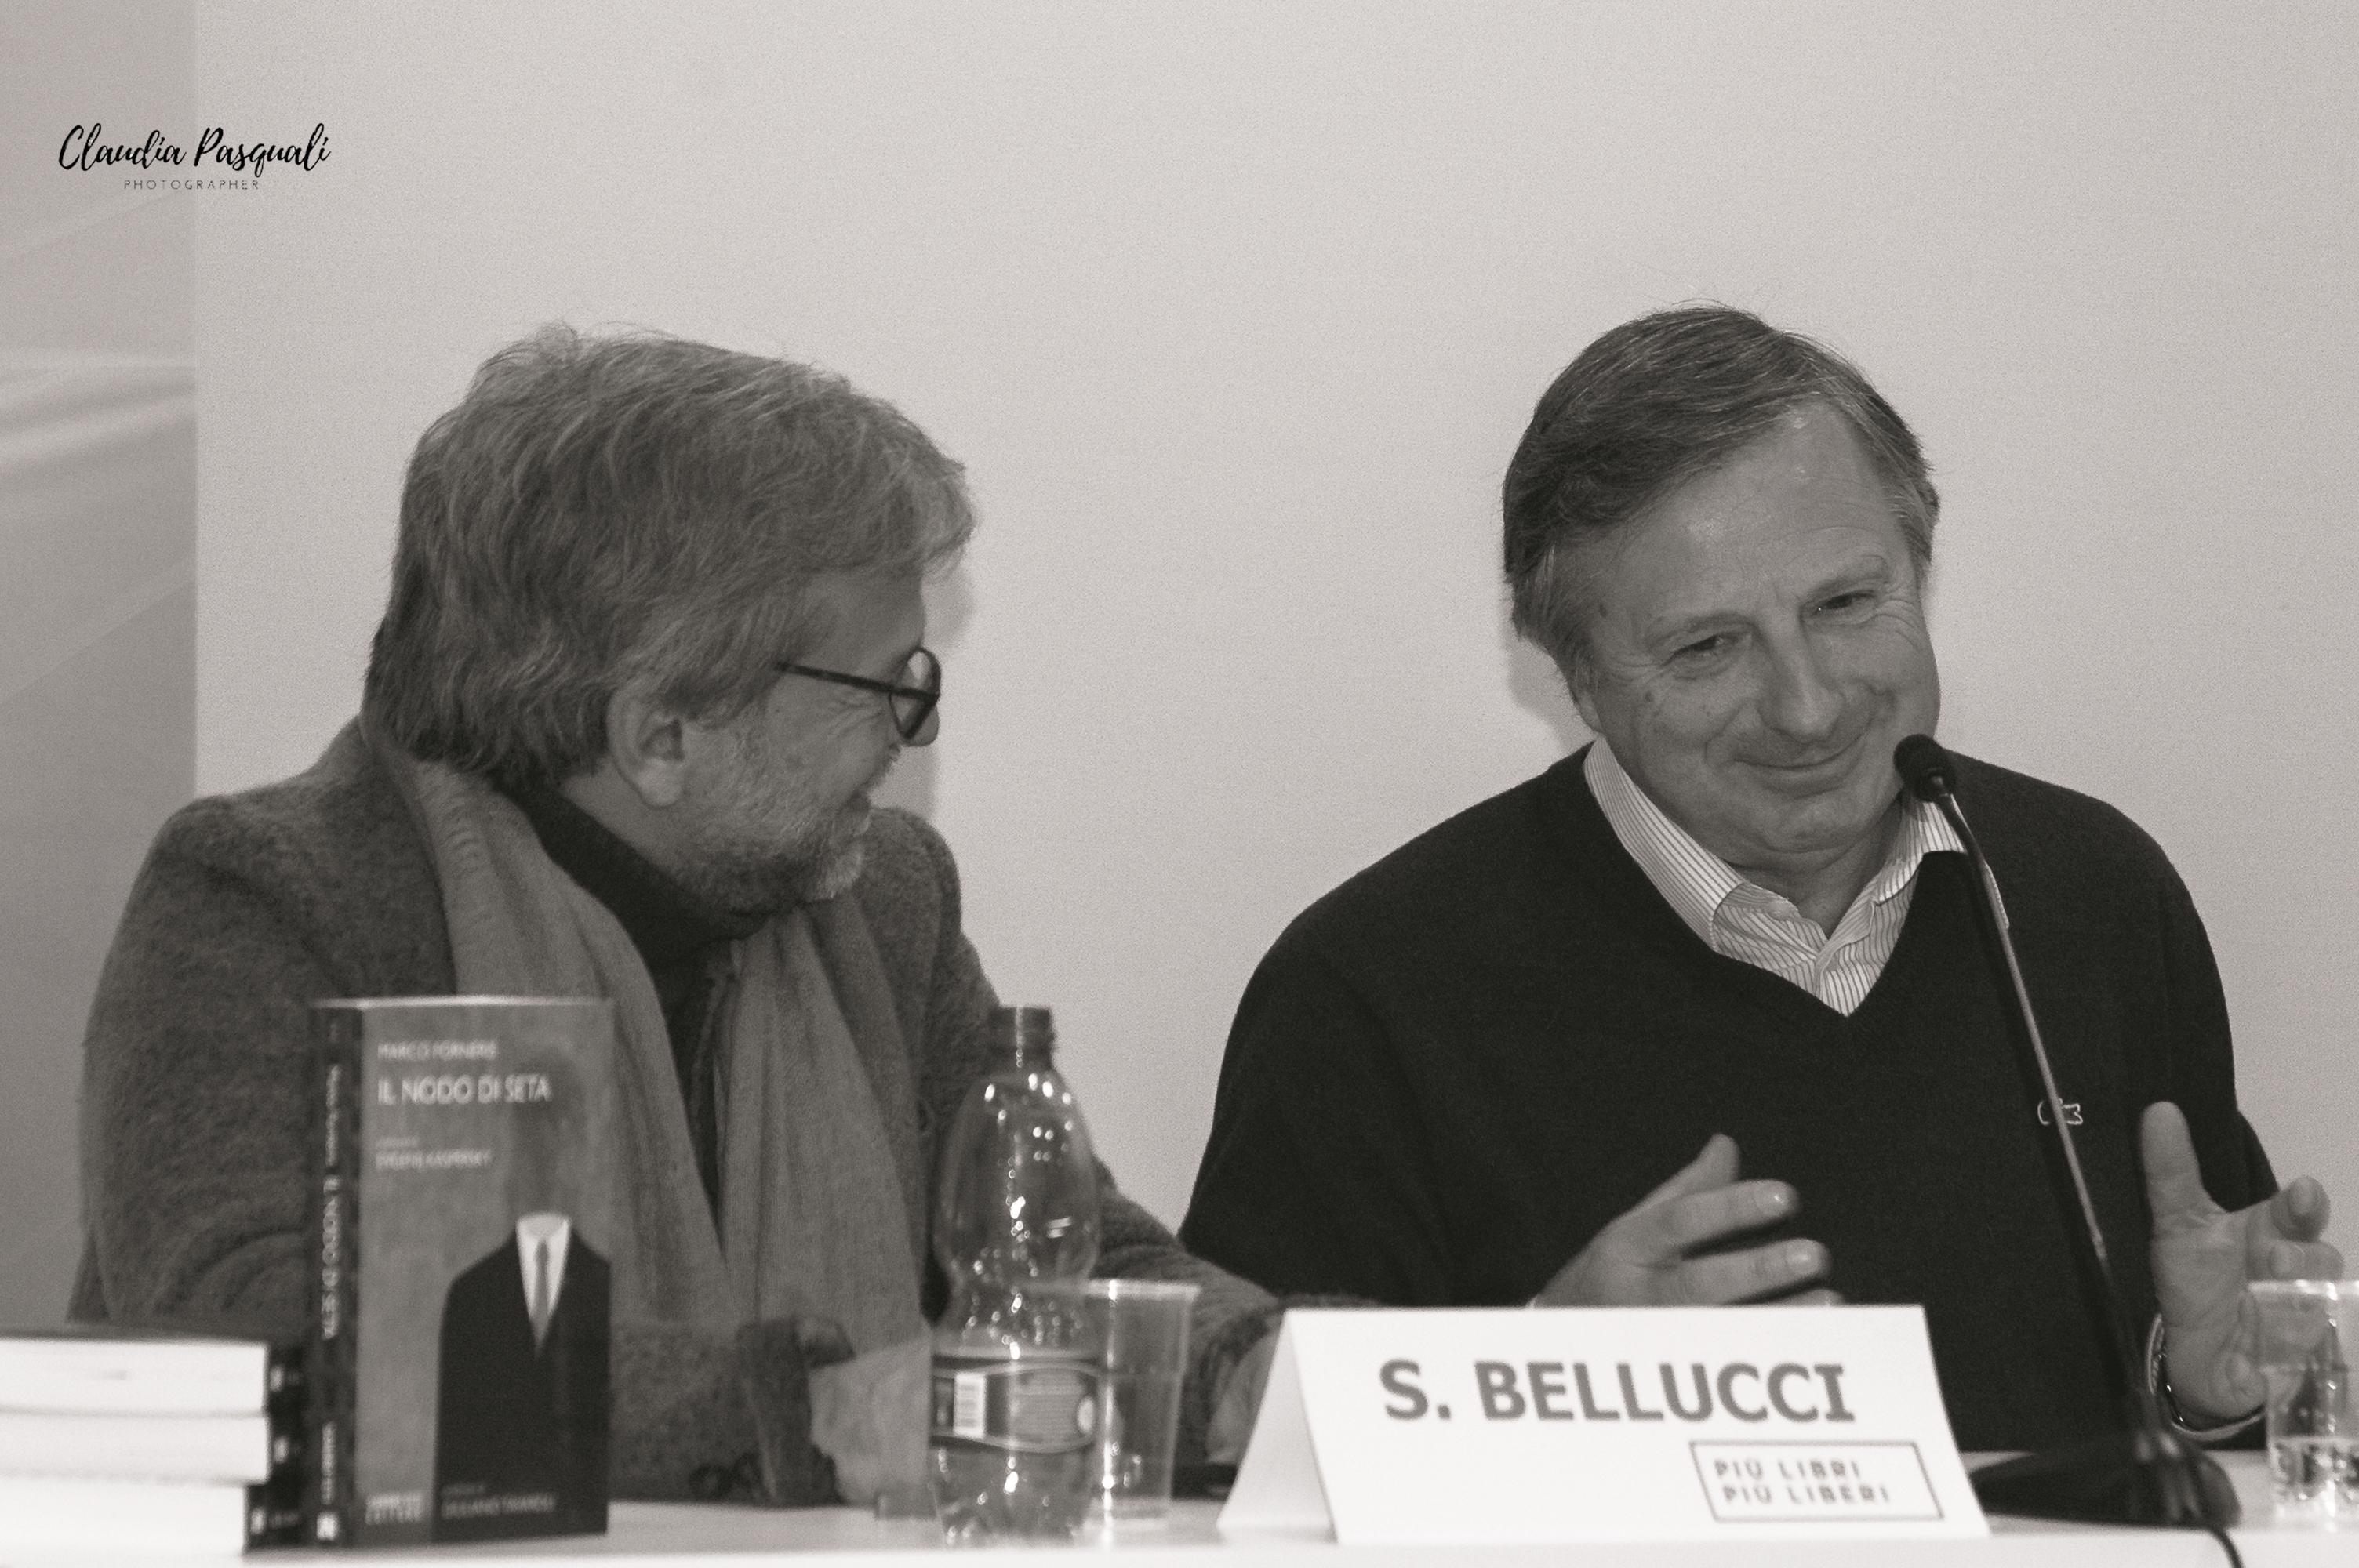 """Presentazione del libro di Marco Forneris """"Il nodo di seta"""" a Più Libri Più Liberi. Nella foto: Sergio Bellucci e l'autore Marco Forneris."""